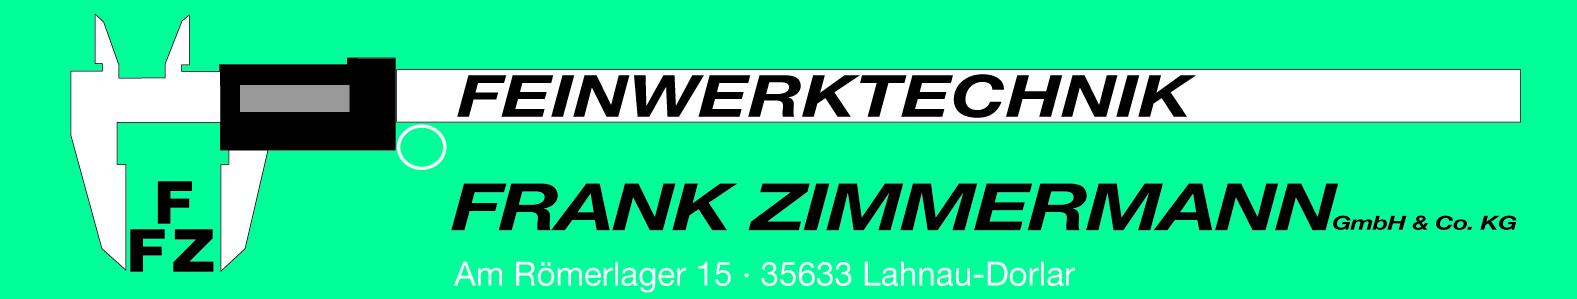 Lichtshow-Pate Frank Zimmermann Feinwerktechnik